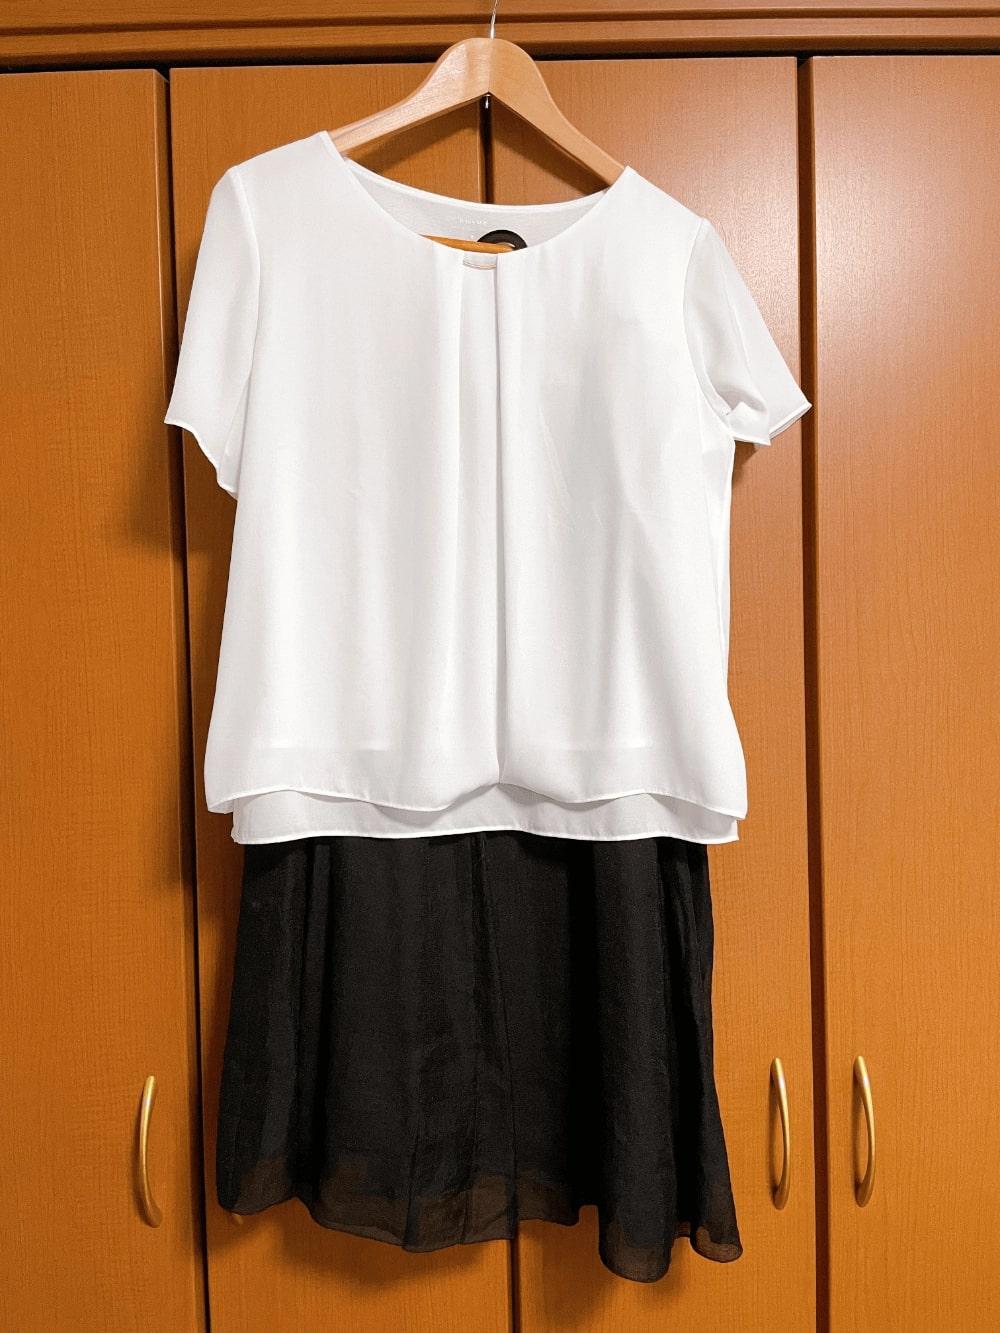 クローゼットに服がかかっている。白の半袖のカットソーと黒の麻のスカート